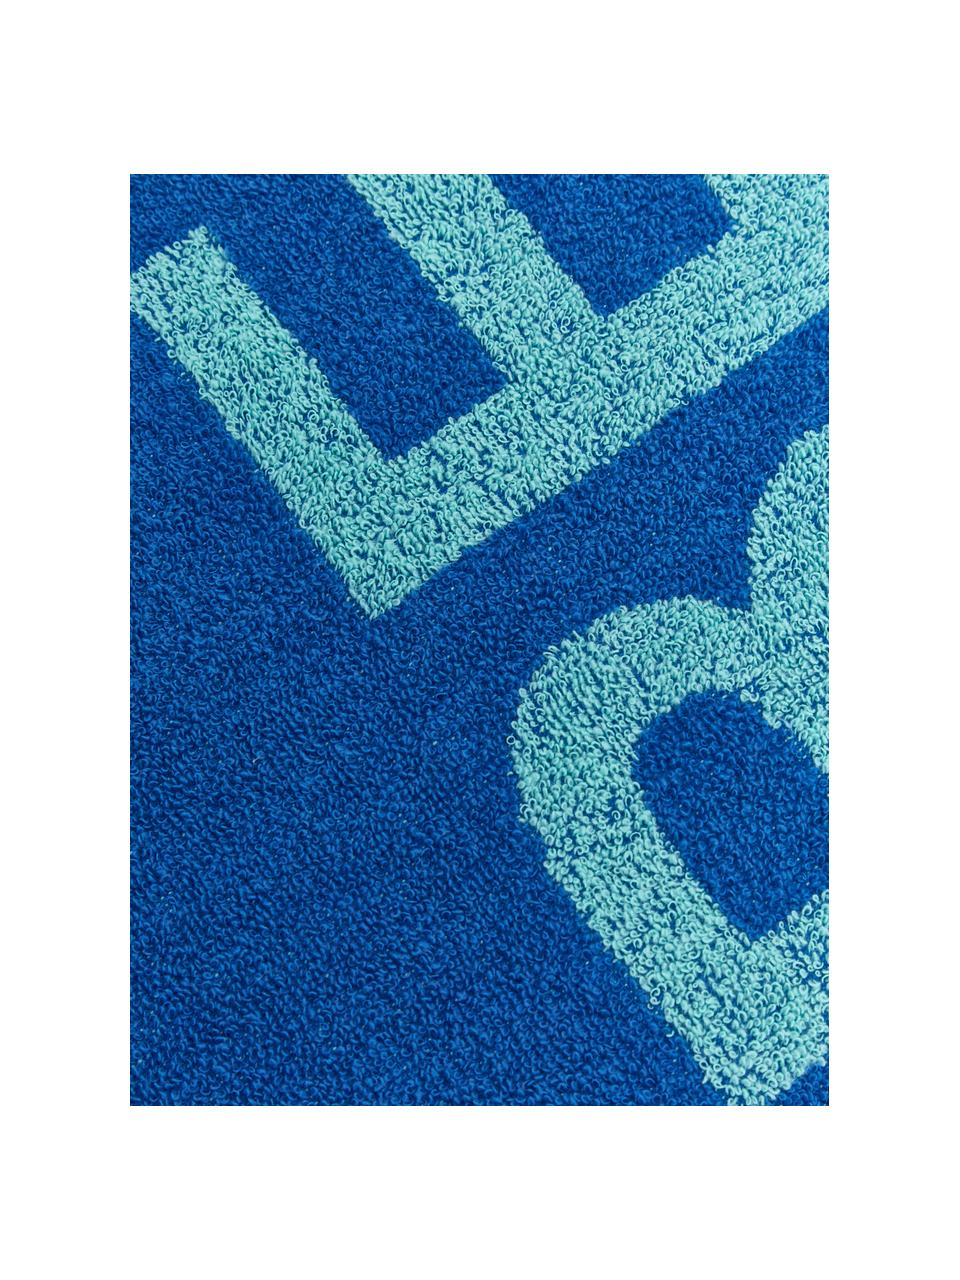 Telo mare Cool, 100% cotone, Tonalità blu, Larg. 90 x Lung. 160 cm